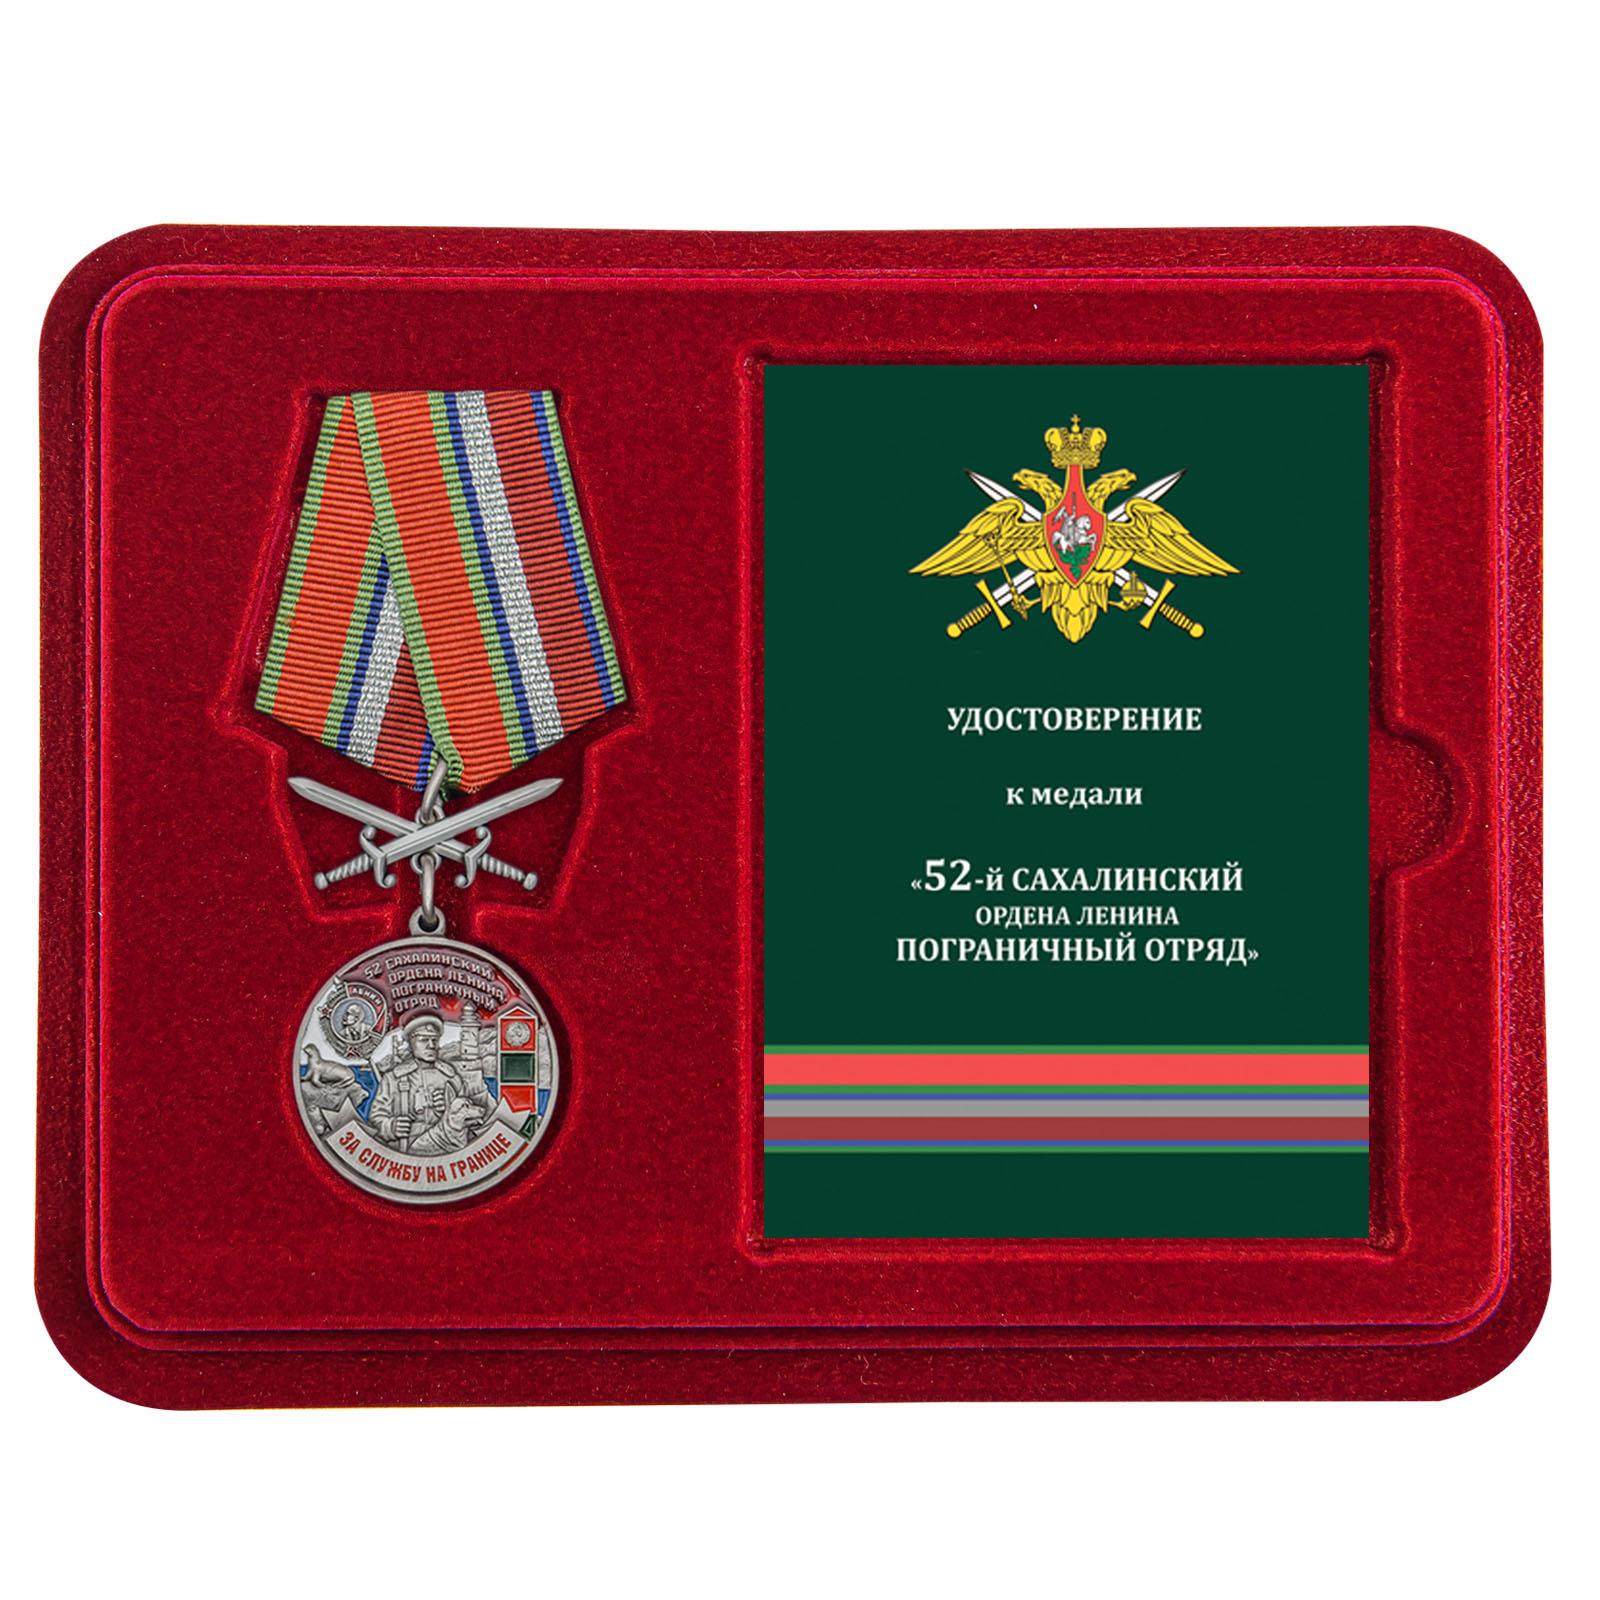 Латунная медаль За службу в Сахалинском пограничном отряде - в футляре